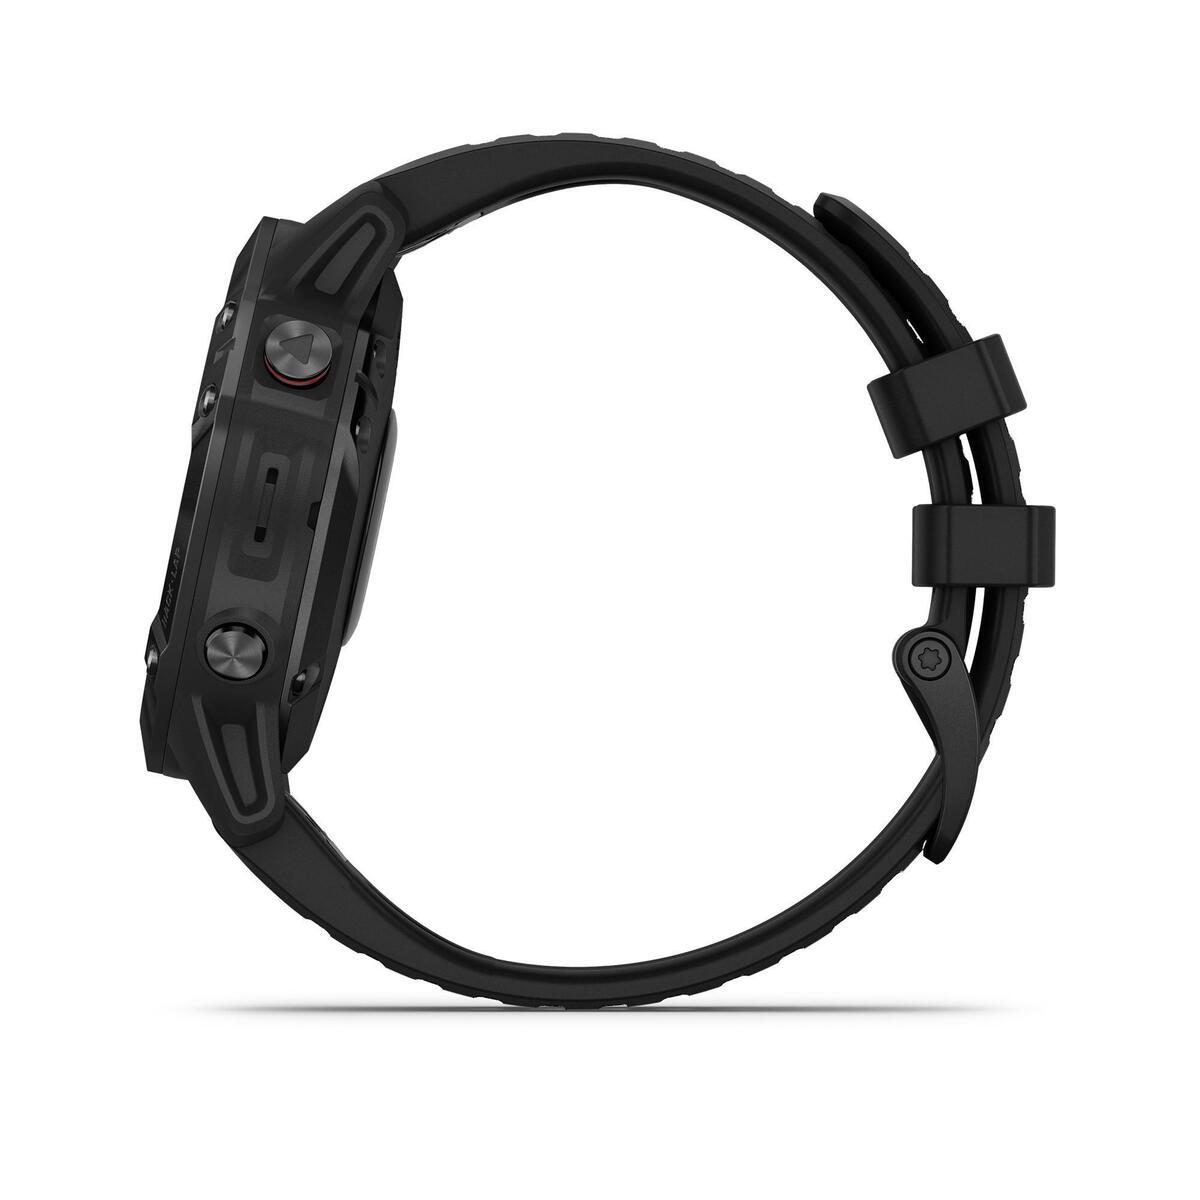 Bild 3 von GPS-Multisportuhr Fenix 6 Pro grau schwarzes Armband